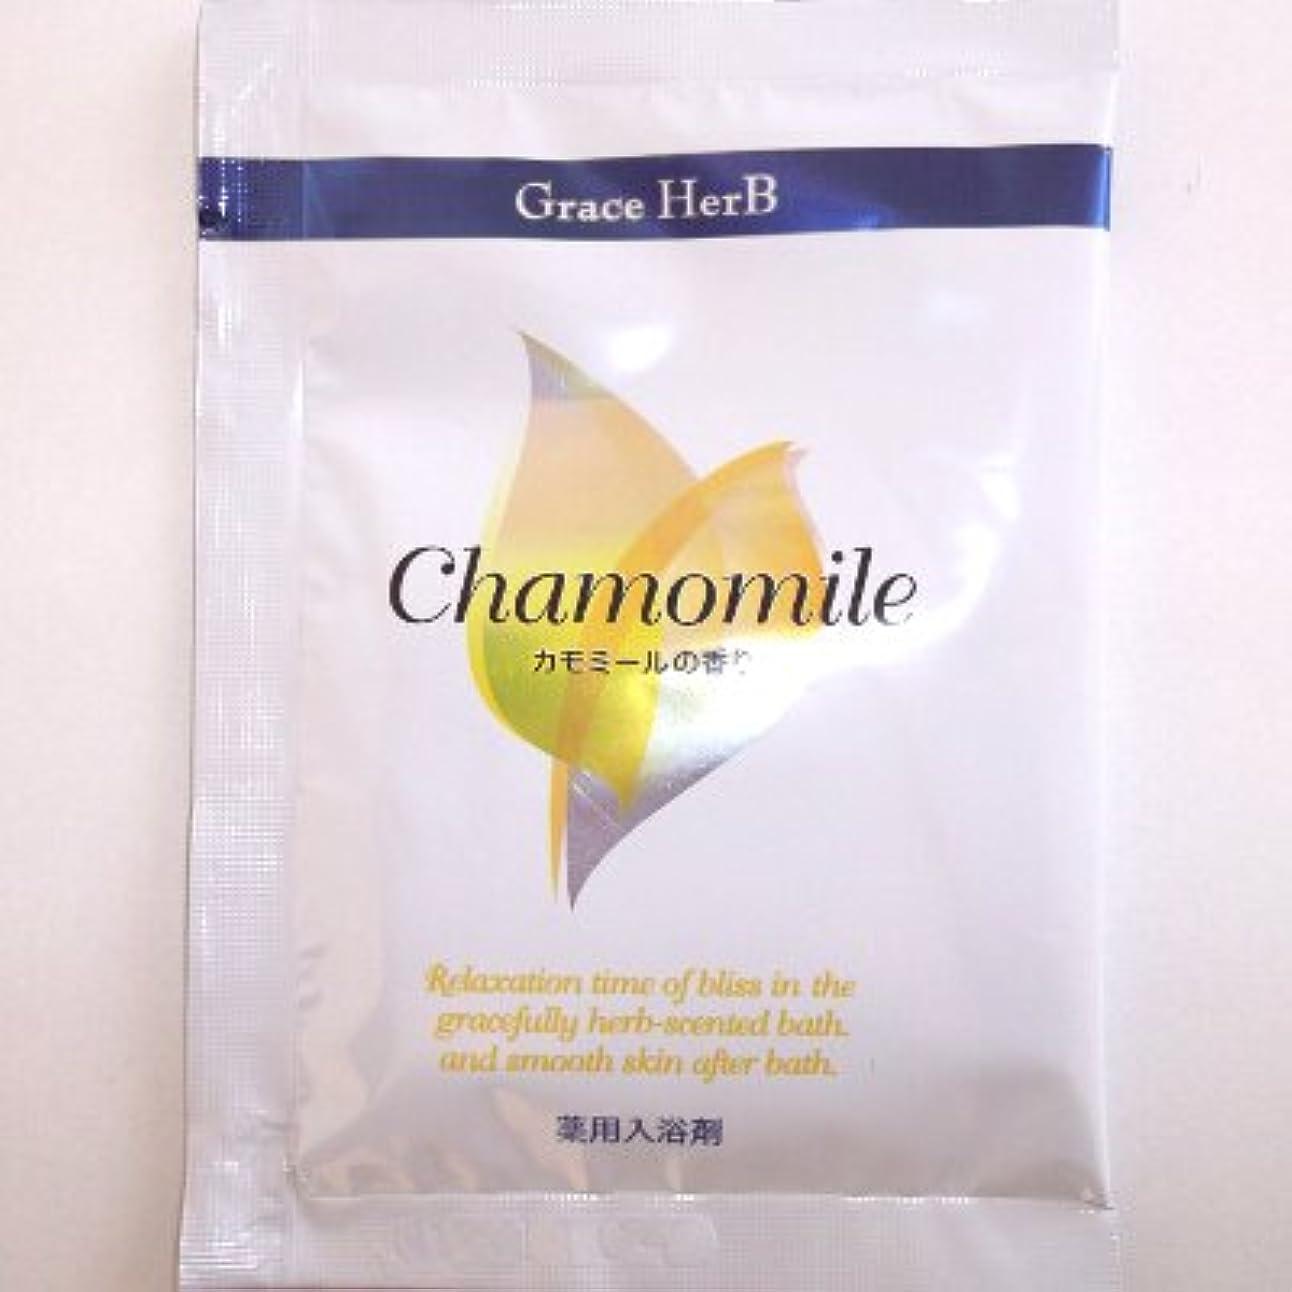 勃起控える構造的グレースハーブ カモミールの香り